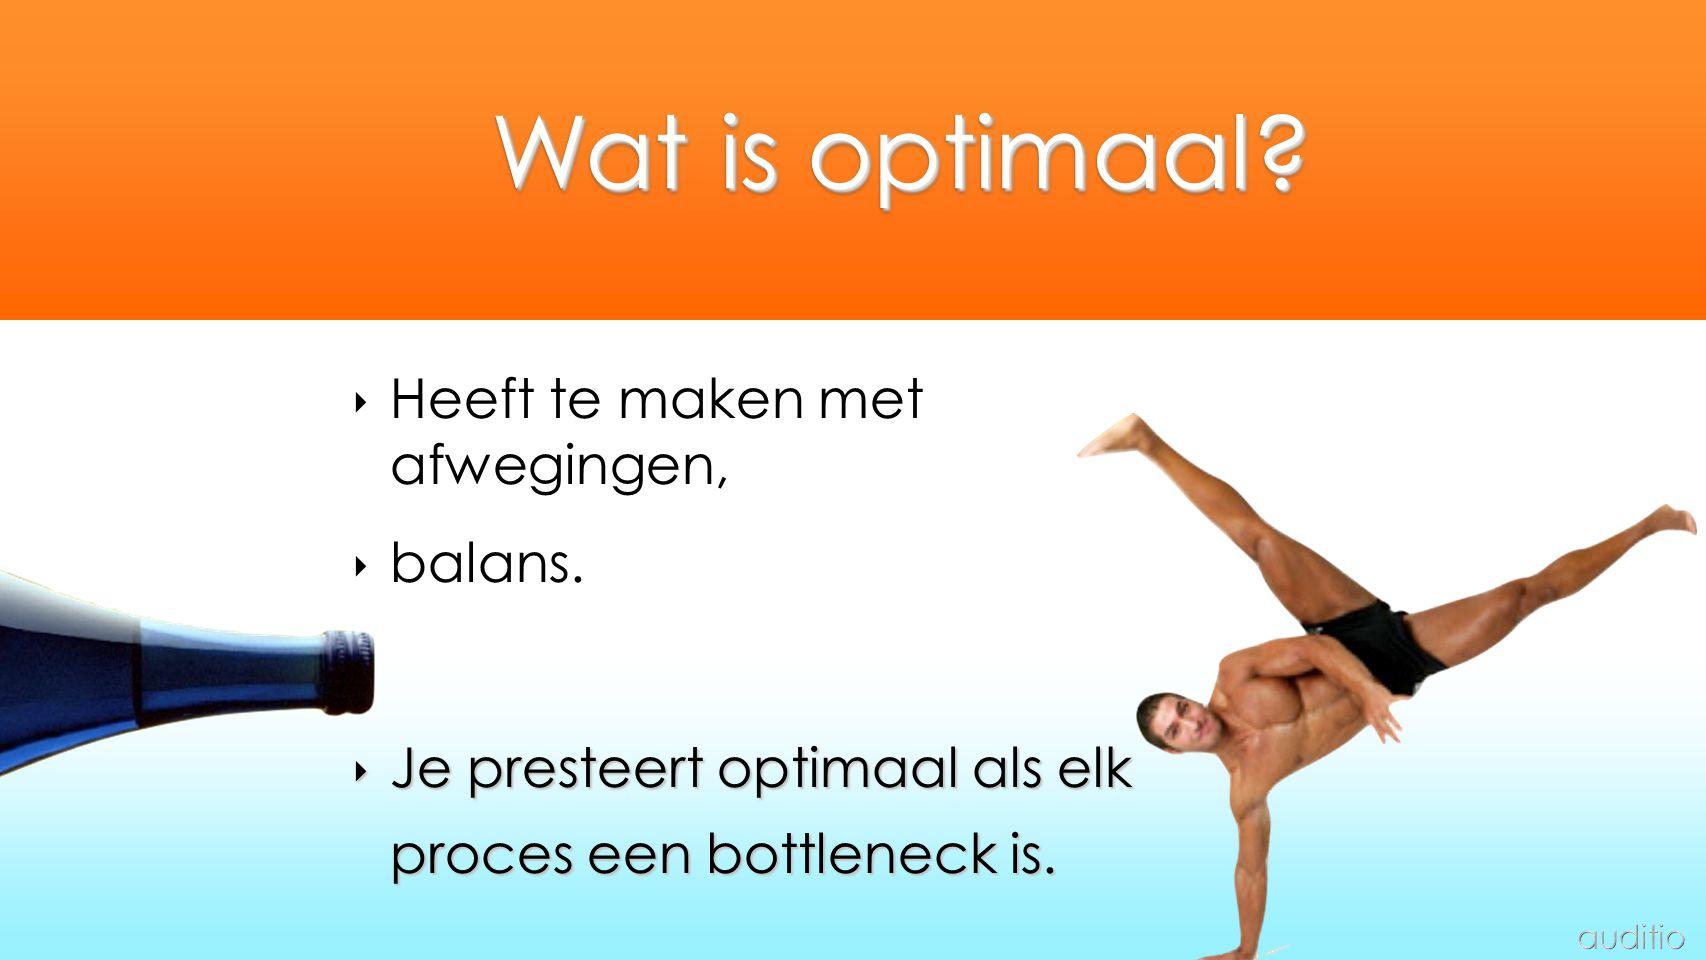 ‣ Heeft te maken met afwegingen, ‣ balans. ‣ Je presteert optimaal als elk proces een bottleneck is. Wat is optimaal?